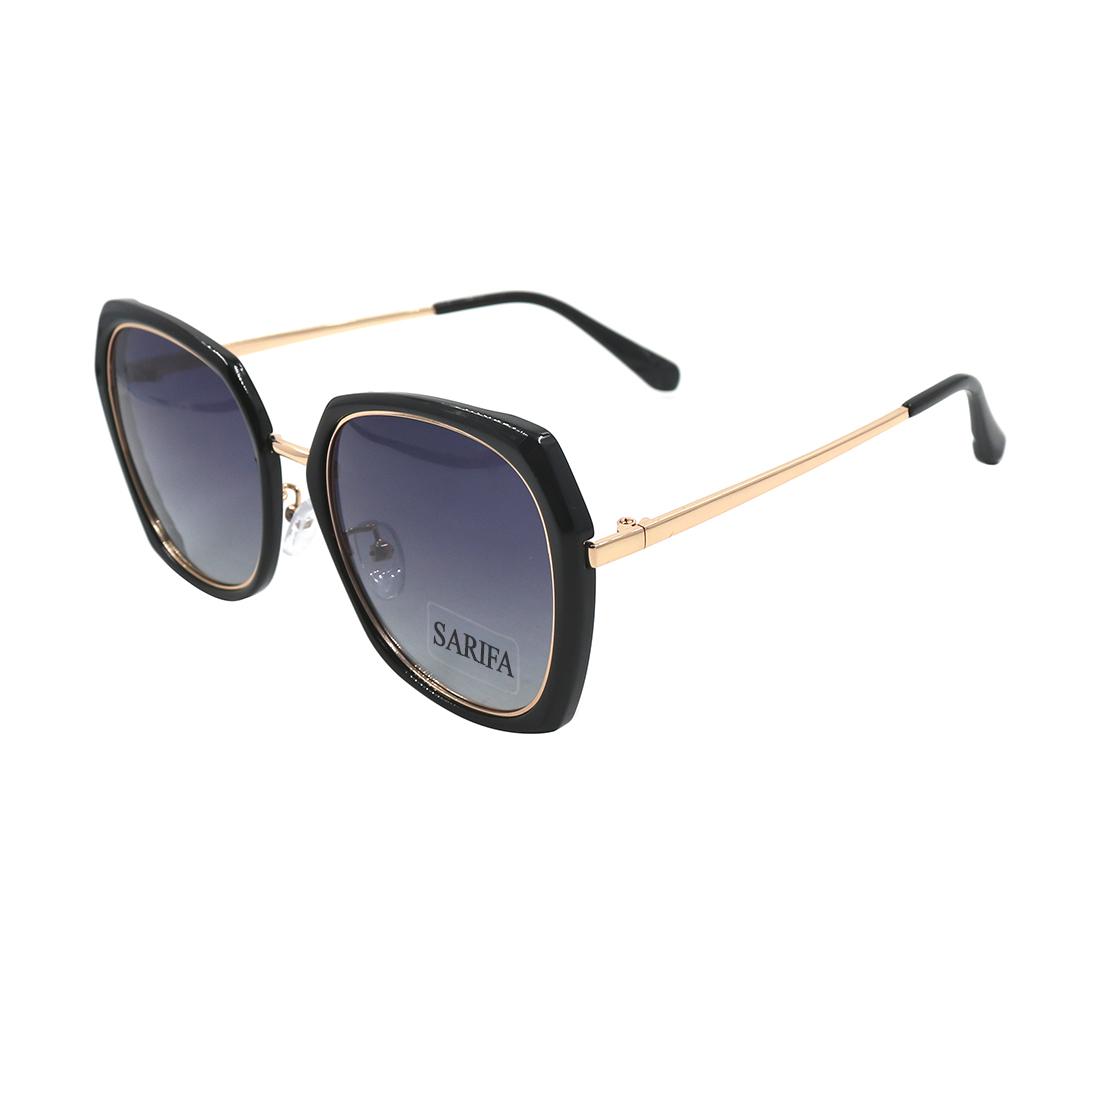 Kính mát, mắt kính SARIFA J1974, mắt kính chống UV, mắt kính thời trang